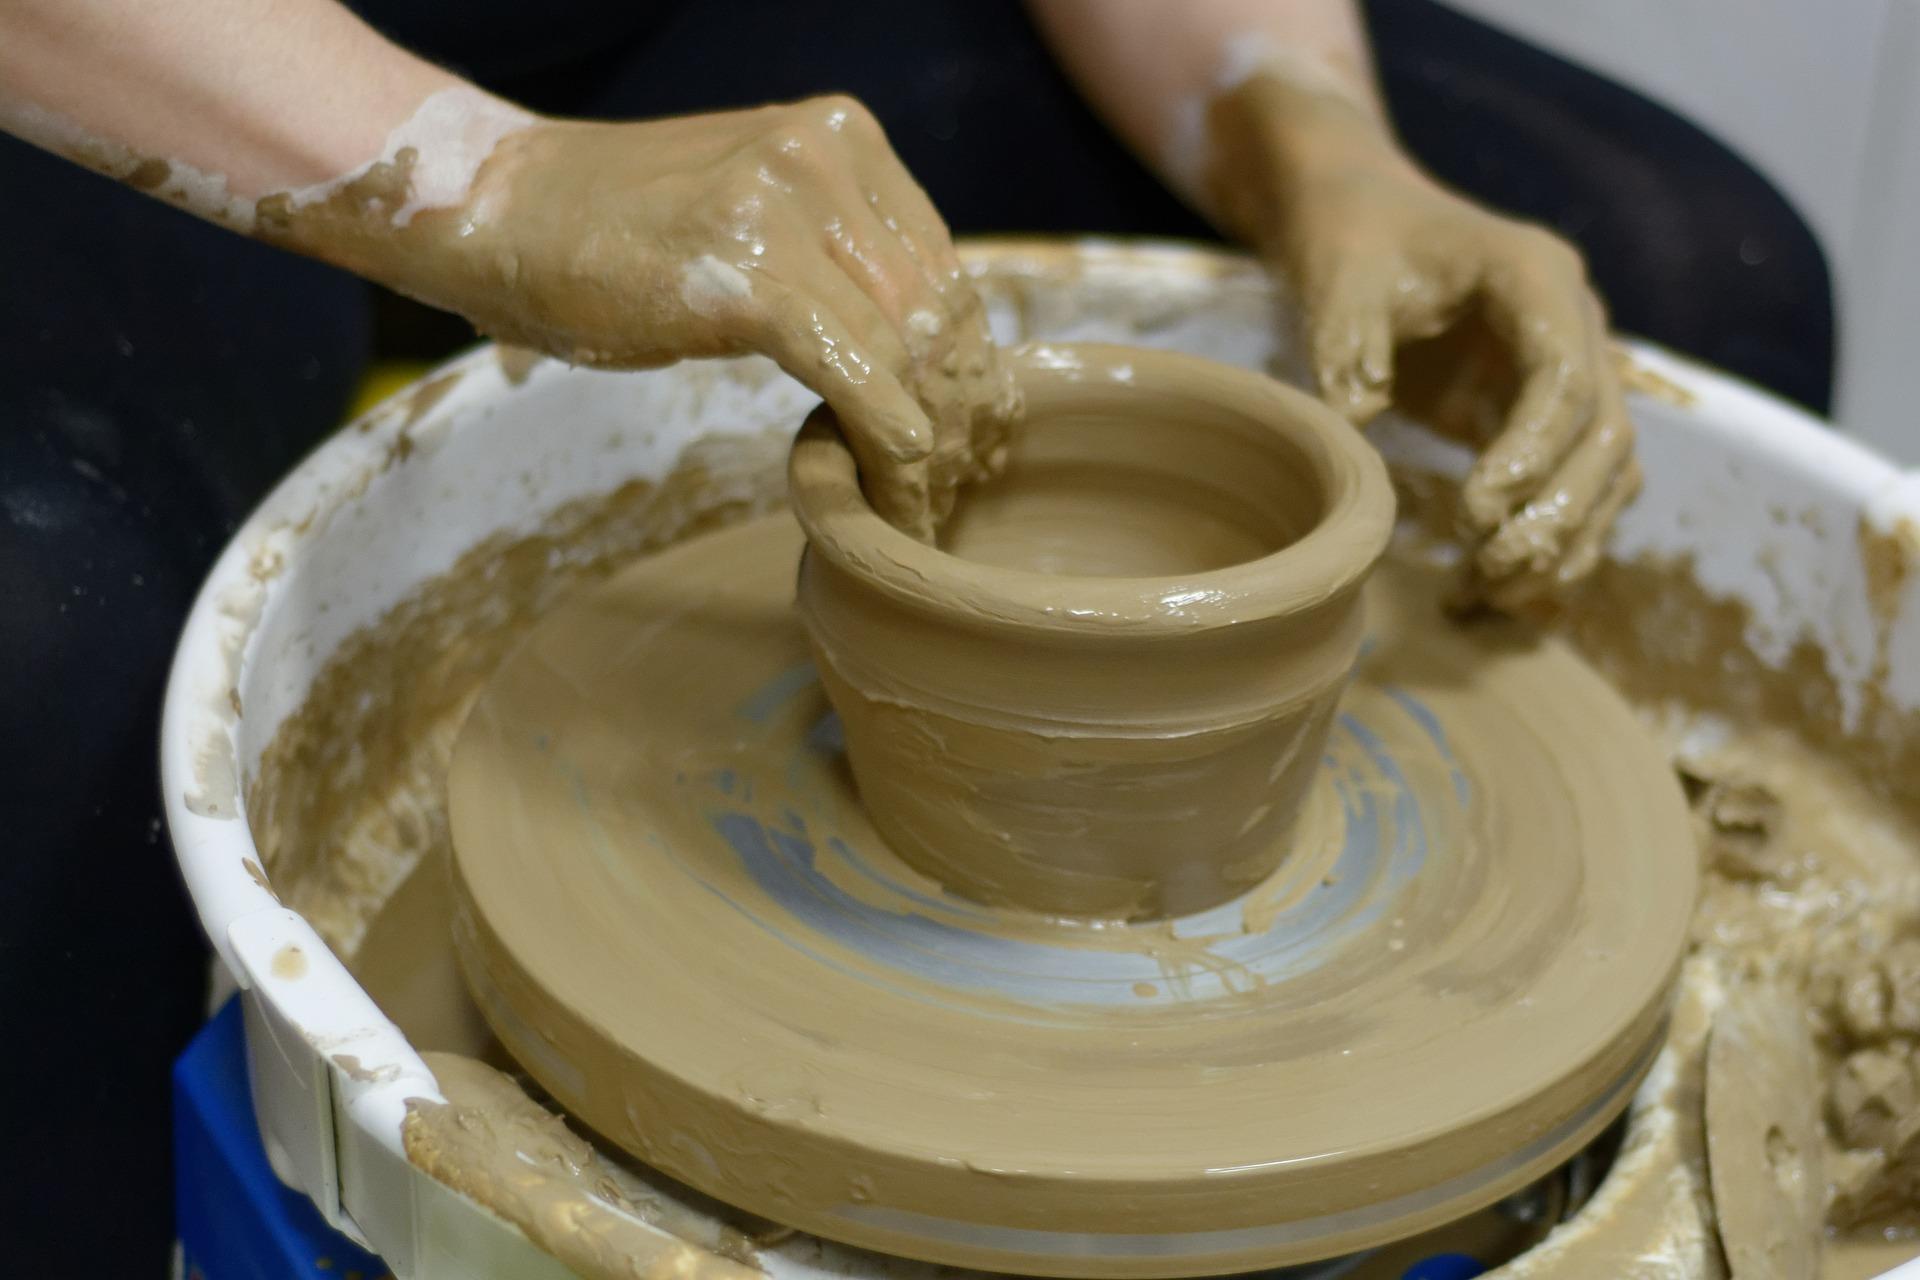 ceramics-3199006_1920.jpg